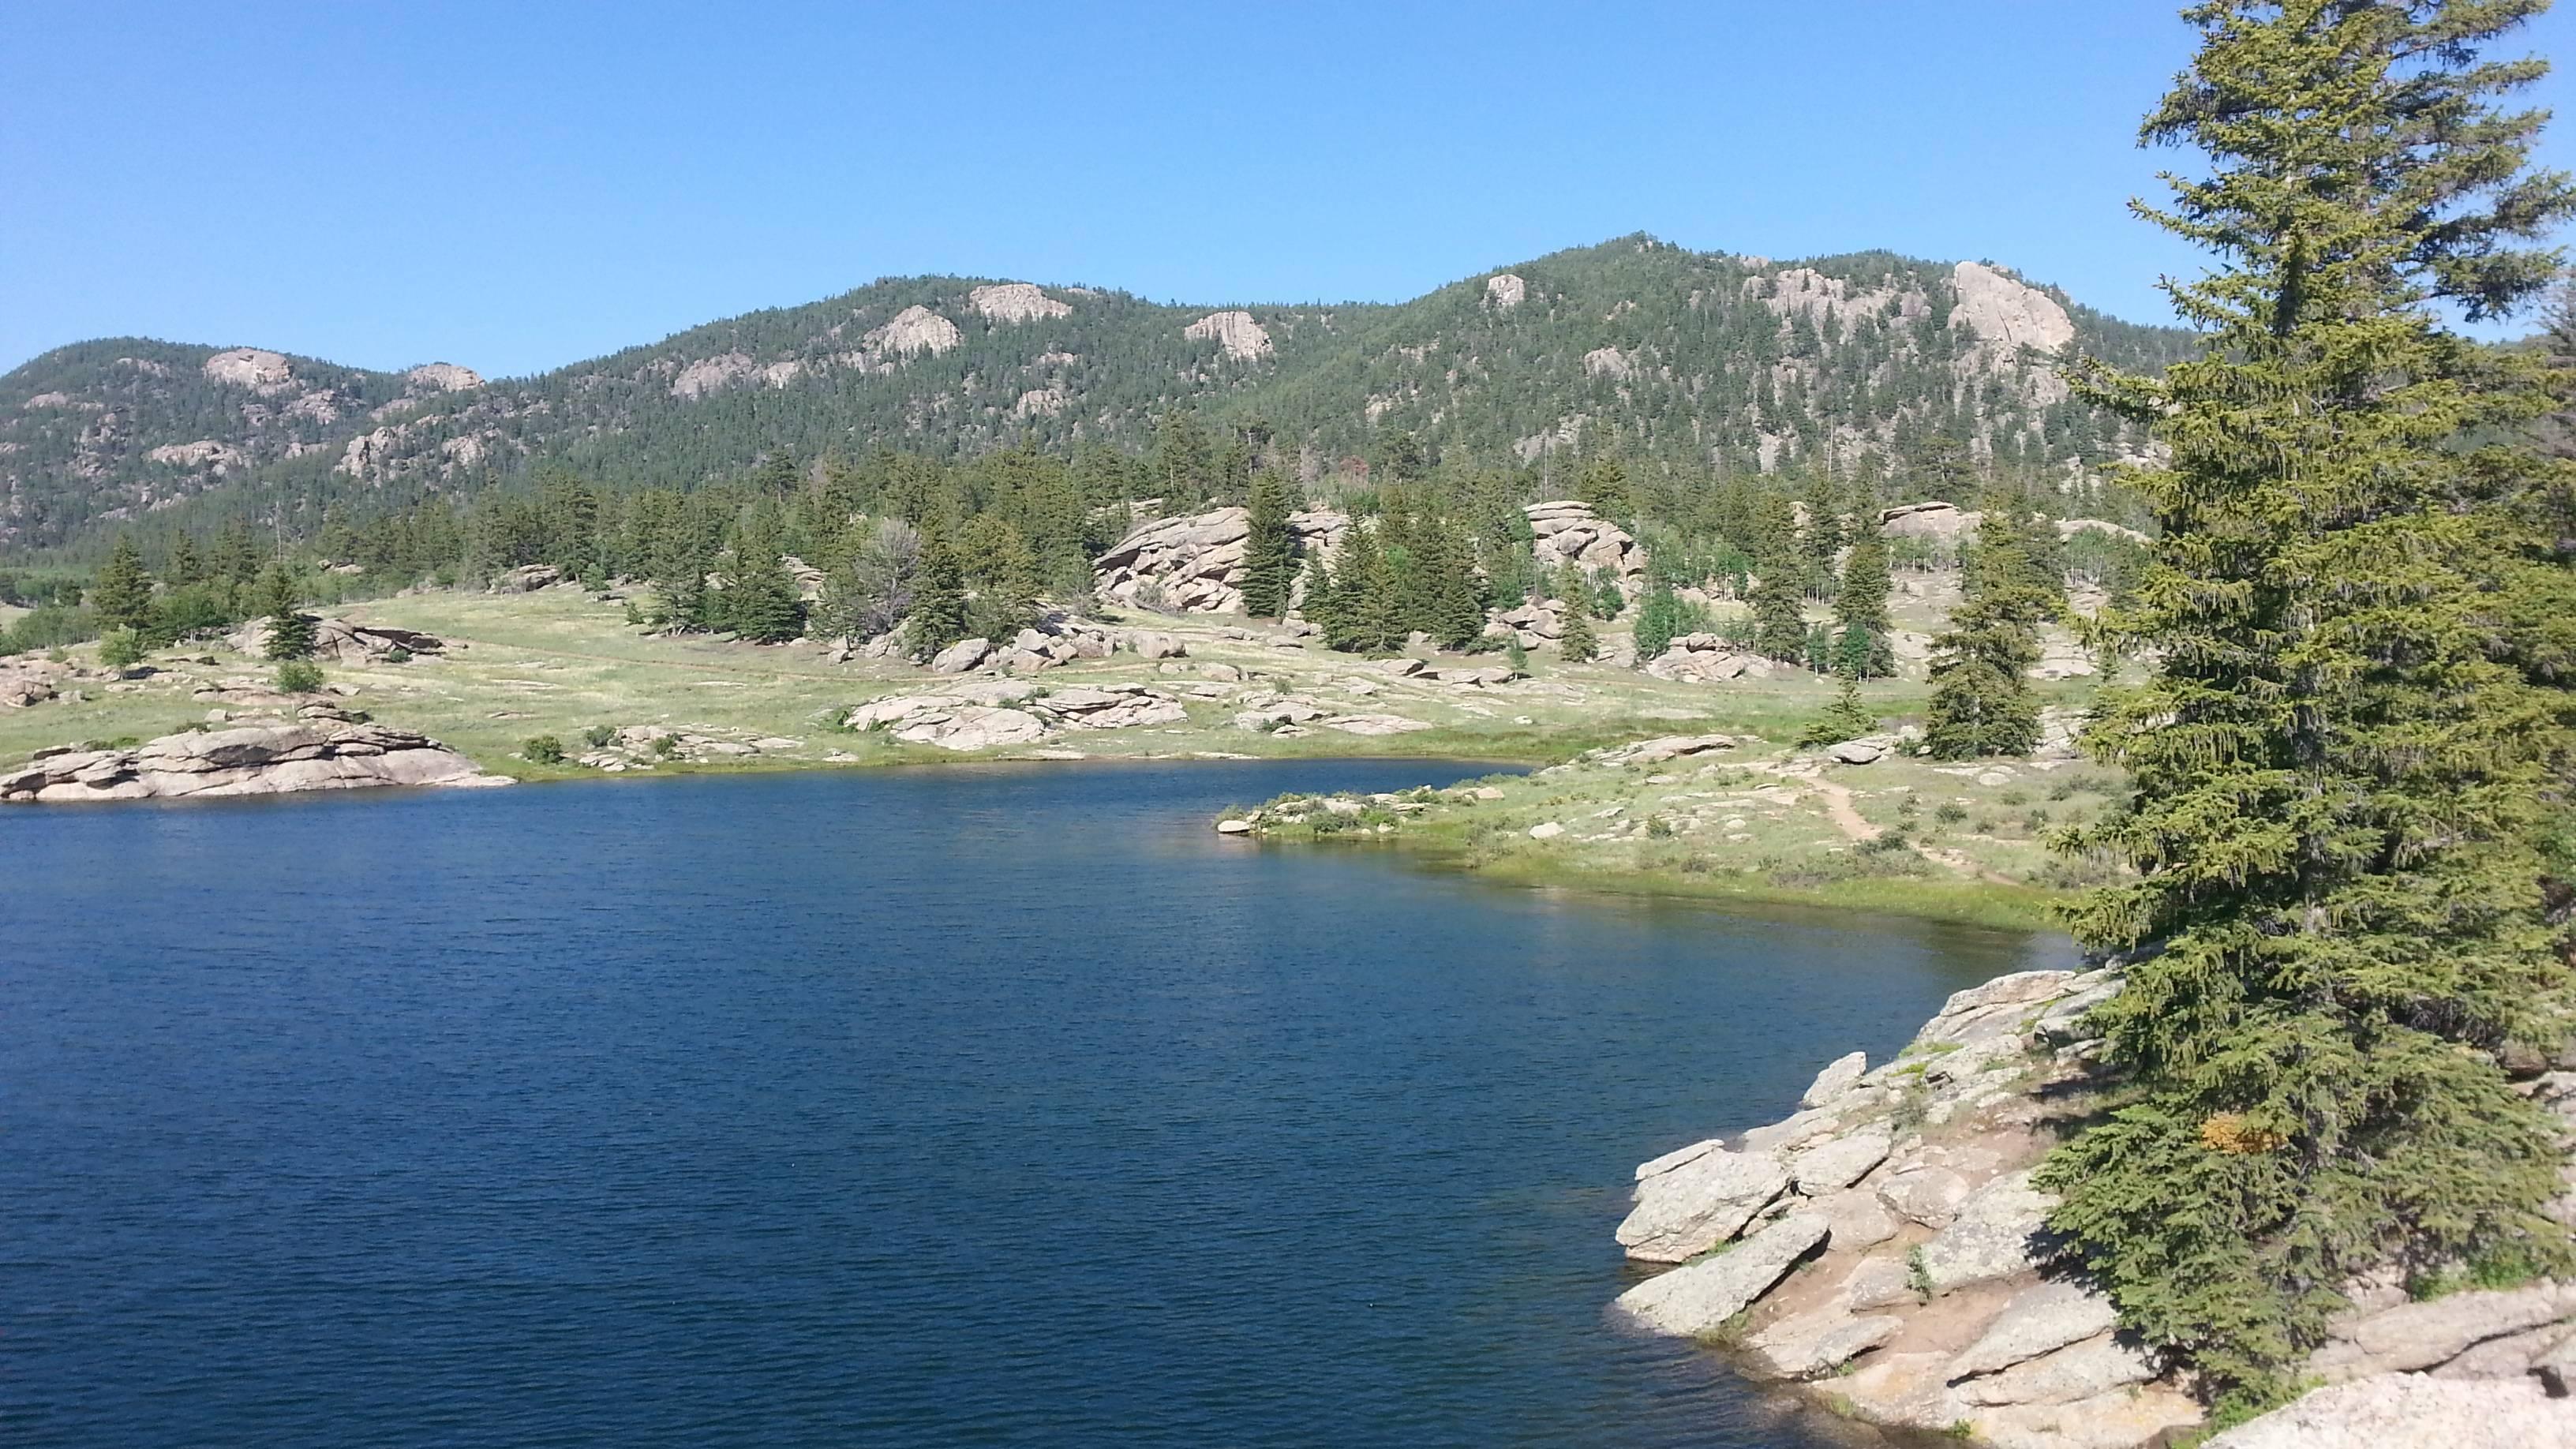 I heard you guys like beautiful fishing spots fishing h for Fishing lakes in colorado